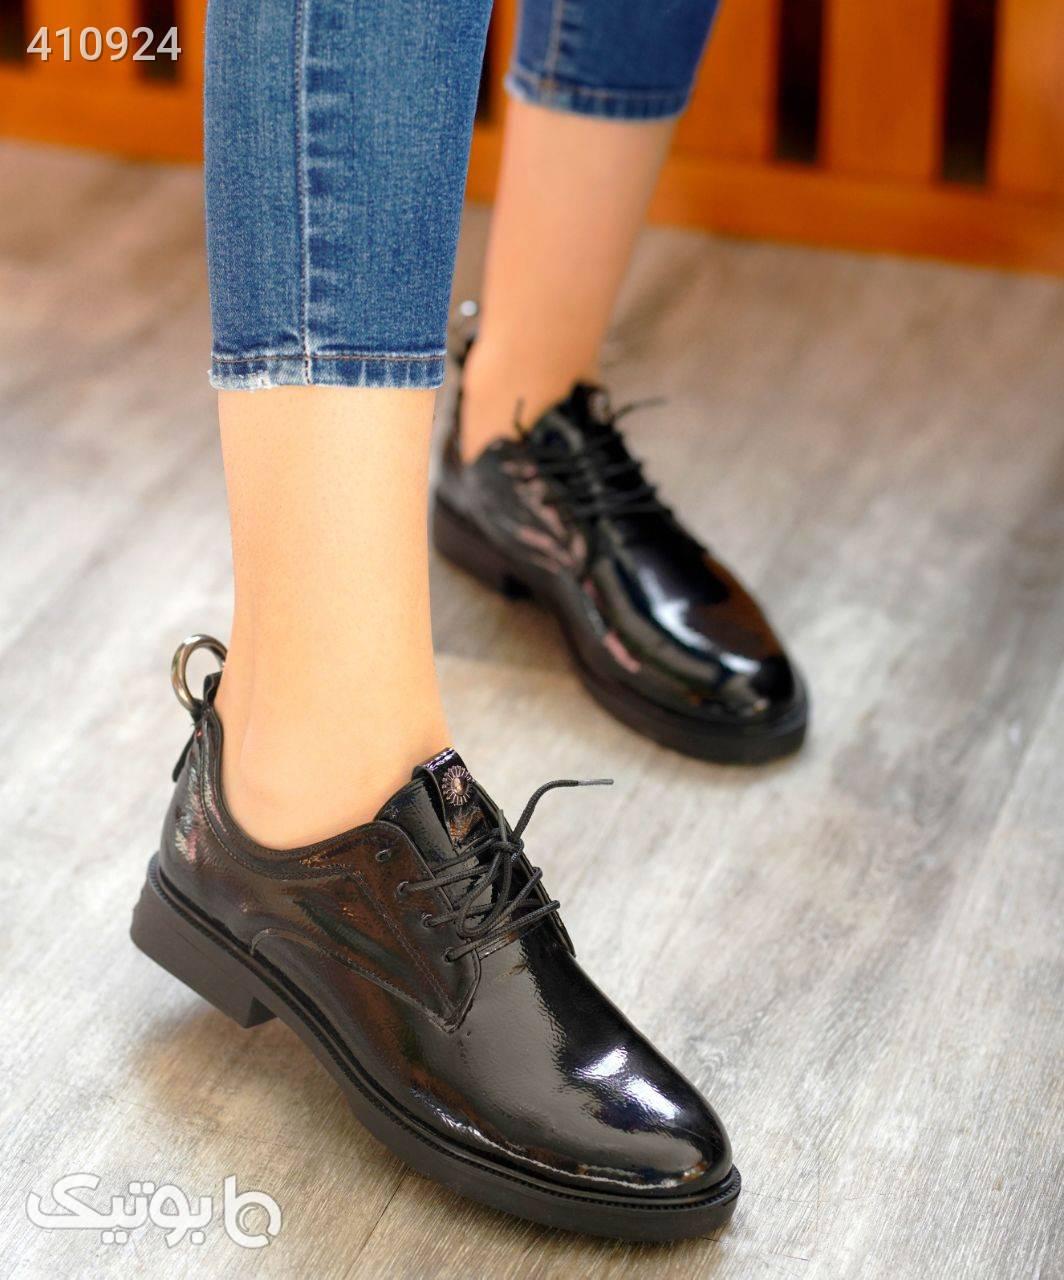 کفش زنانه جدید کد۲۱۰ مشکی كفش زنانه